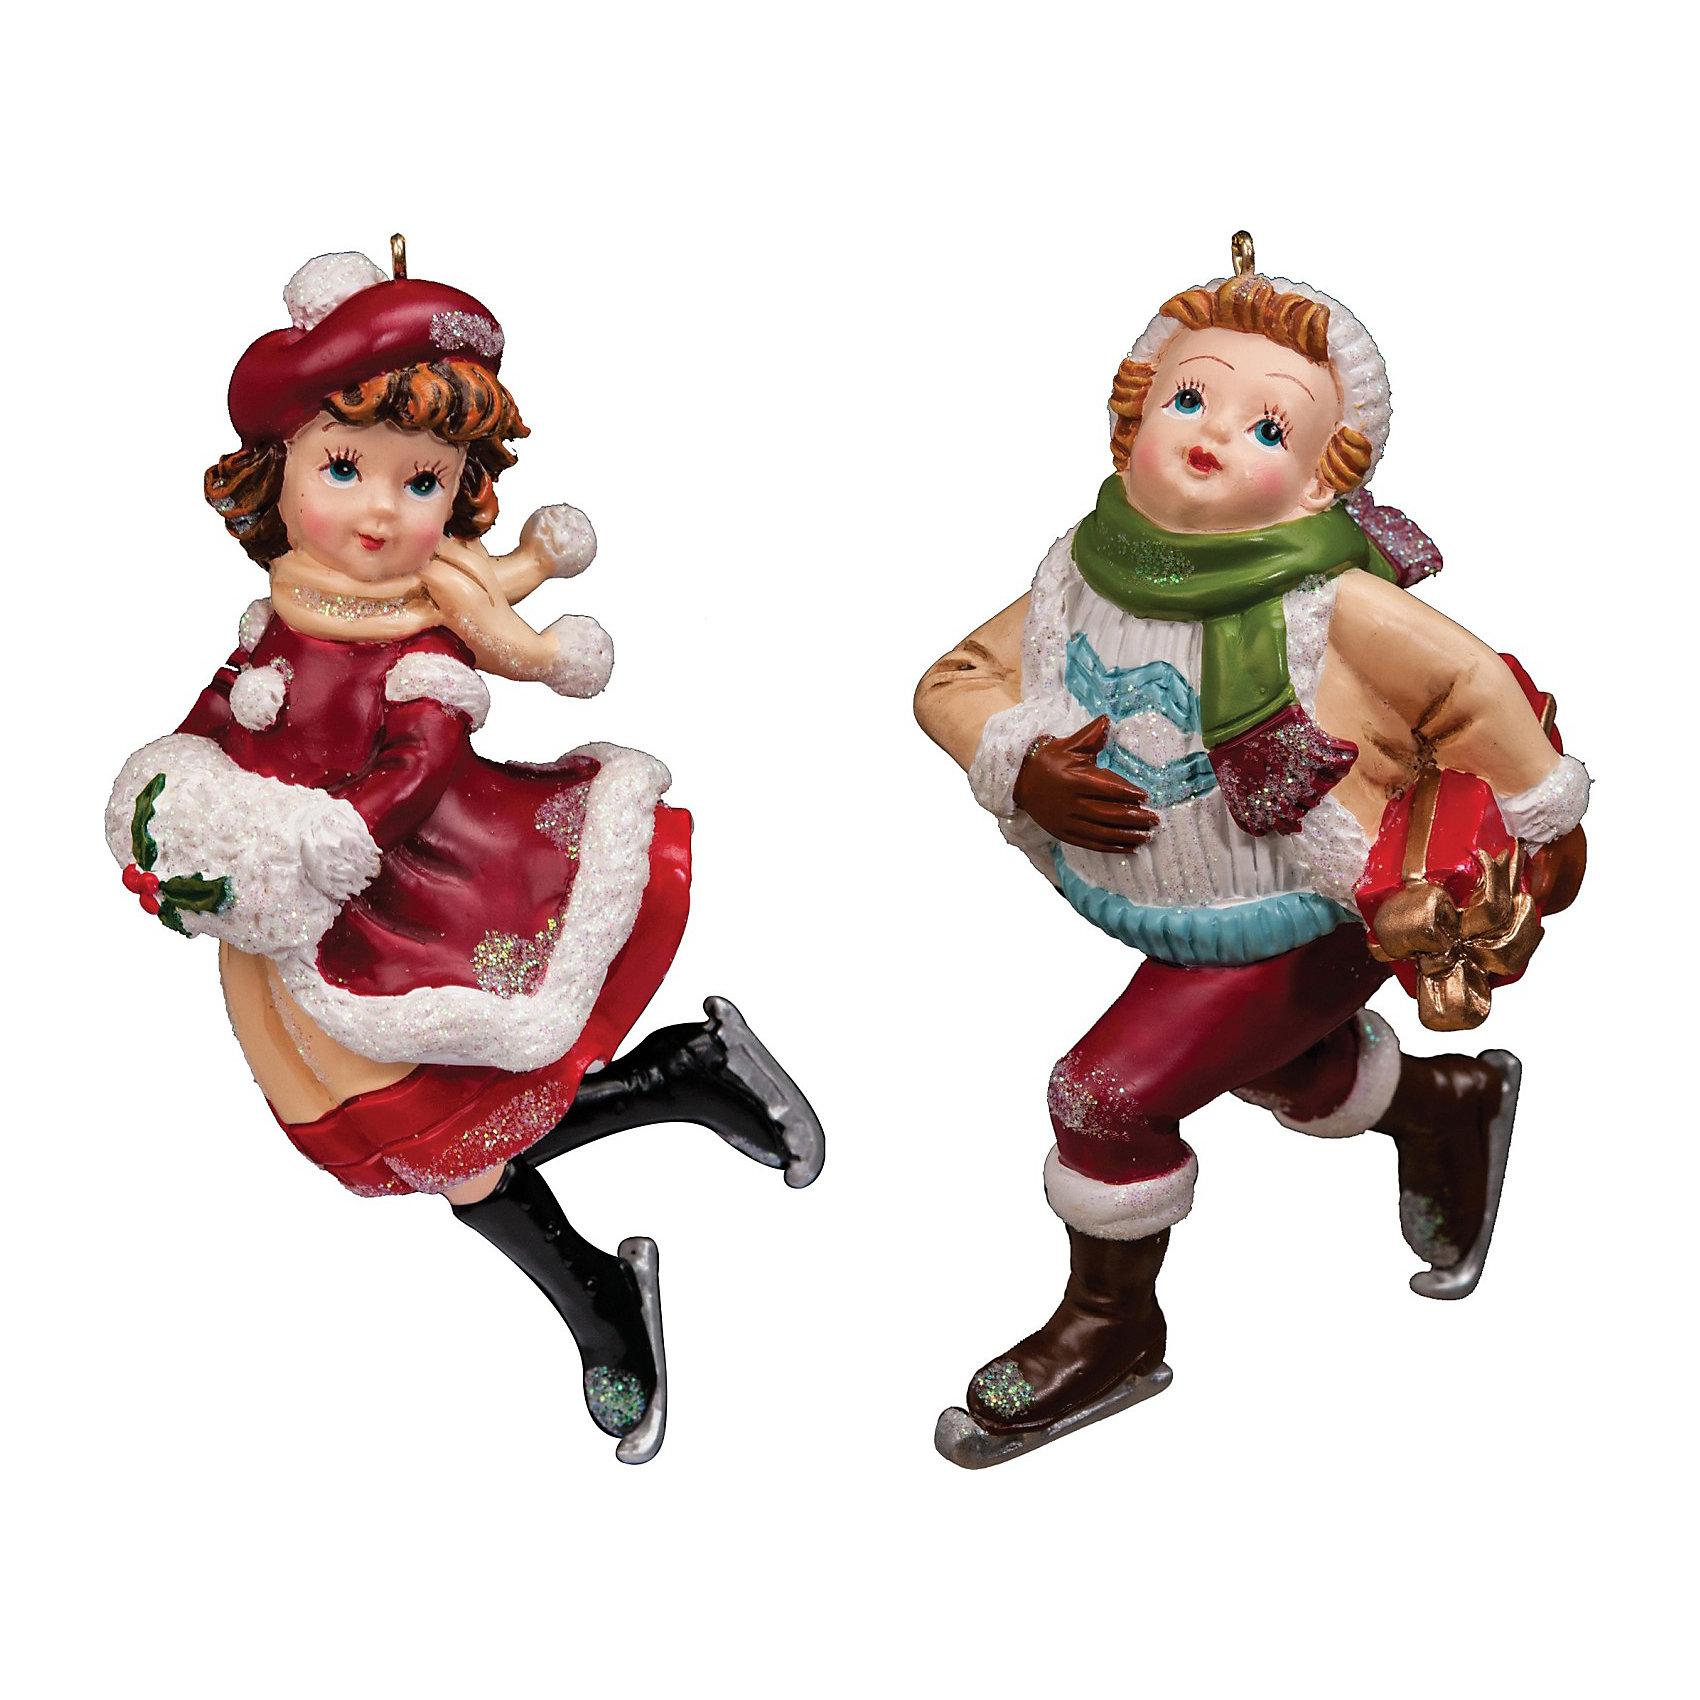 Украшение Танцы на льду 10,5см (в ассортименте)Всё для праздника<br>Новый год - поистине обожаемый праздник! Это время когда Вы со своими детьми можете провести незабываемые часы вместе за совместным творчеством, украшением елки. Представляем Вашему вниманию украшение Танцы на льду от ErichKrause (ЭрихКраузе), которое принесет нежный романтический дух в Ваш дом. Замечательные детишки на катке навевают чудесное праздничное настроение! Хочется всей семьей рвануть на каток. Такие замечательные, выполненные со вкусом елочные игрушки, сделают Ваше новогоднее дерево уникальным!<br> <br>Дополнительная информация:<br><br>- Чудесная елочная игрушка;<br>- Отличный новогодний подарок;<br>- Материал: полирезина;<br>- Обращаться с осторожностью;<br>- Размер украшения: 10,5 см;<br>- Размер упаковки: 5 х 10,5 х 6,5 см;<br>- Вес: 113 г<br><br>Внимание! Украшение поставляется в двух разных дизайнах. К сожалению, заранее выбрать определенный дизайн нельзя.<br><br>Украшение Танцы на льду 10,5см (в ассортименте), ErichKrause (ЭрихКраузе) можно купить в нашем интернет-магазине.<br><br>Ширина мм: 50<br>Глубина мм: 65<br>Высота мм: 105<br>Вес г: 113<br>Возраст от месяцев: 36<br>Возраст до месяцев: 216<br>Пол: Унисекс<br>Возраст: Детский<br>SKU: 3857204